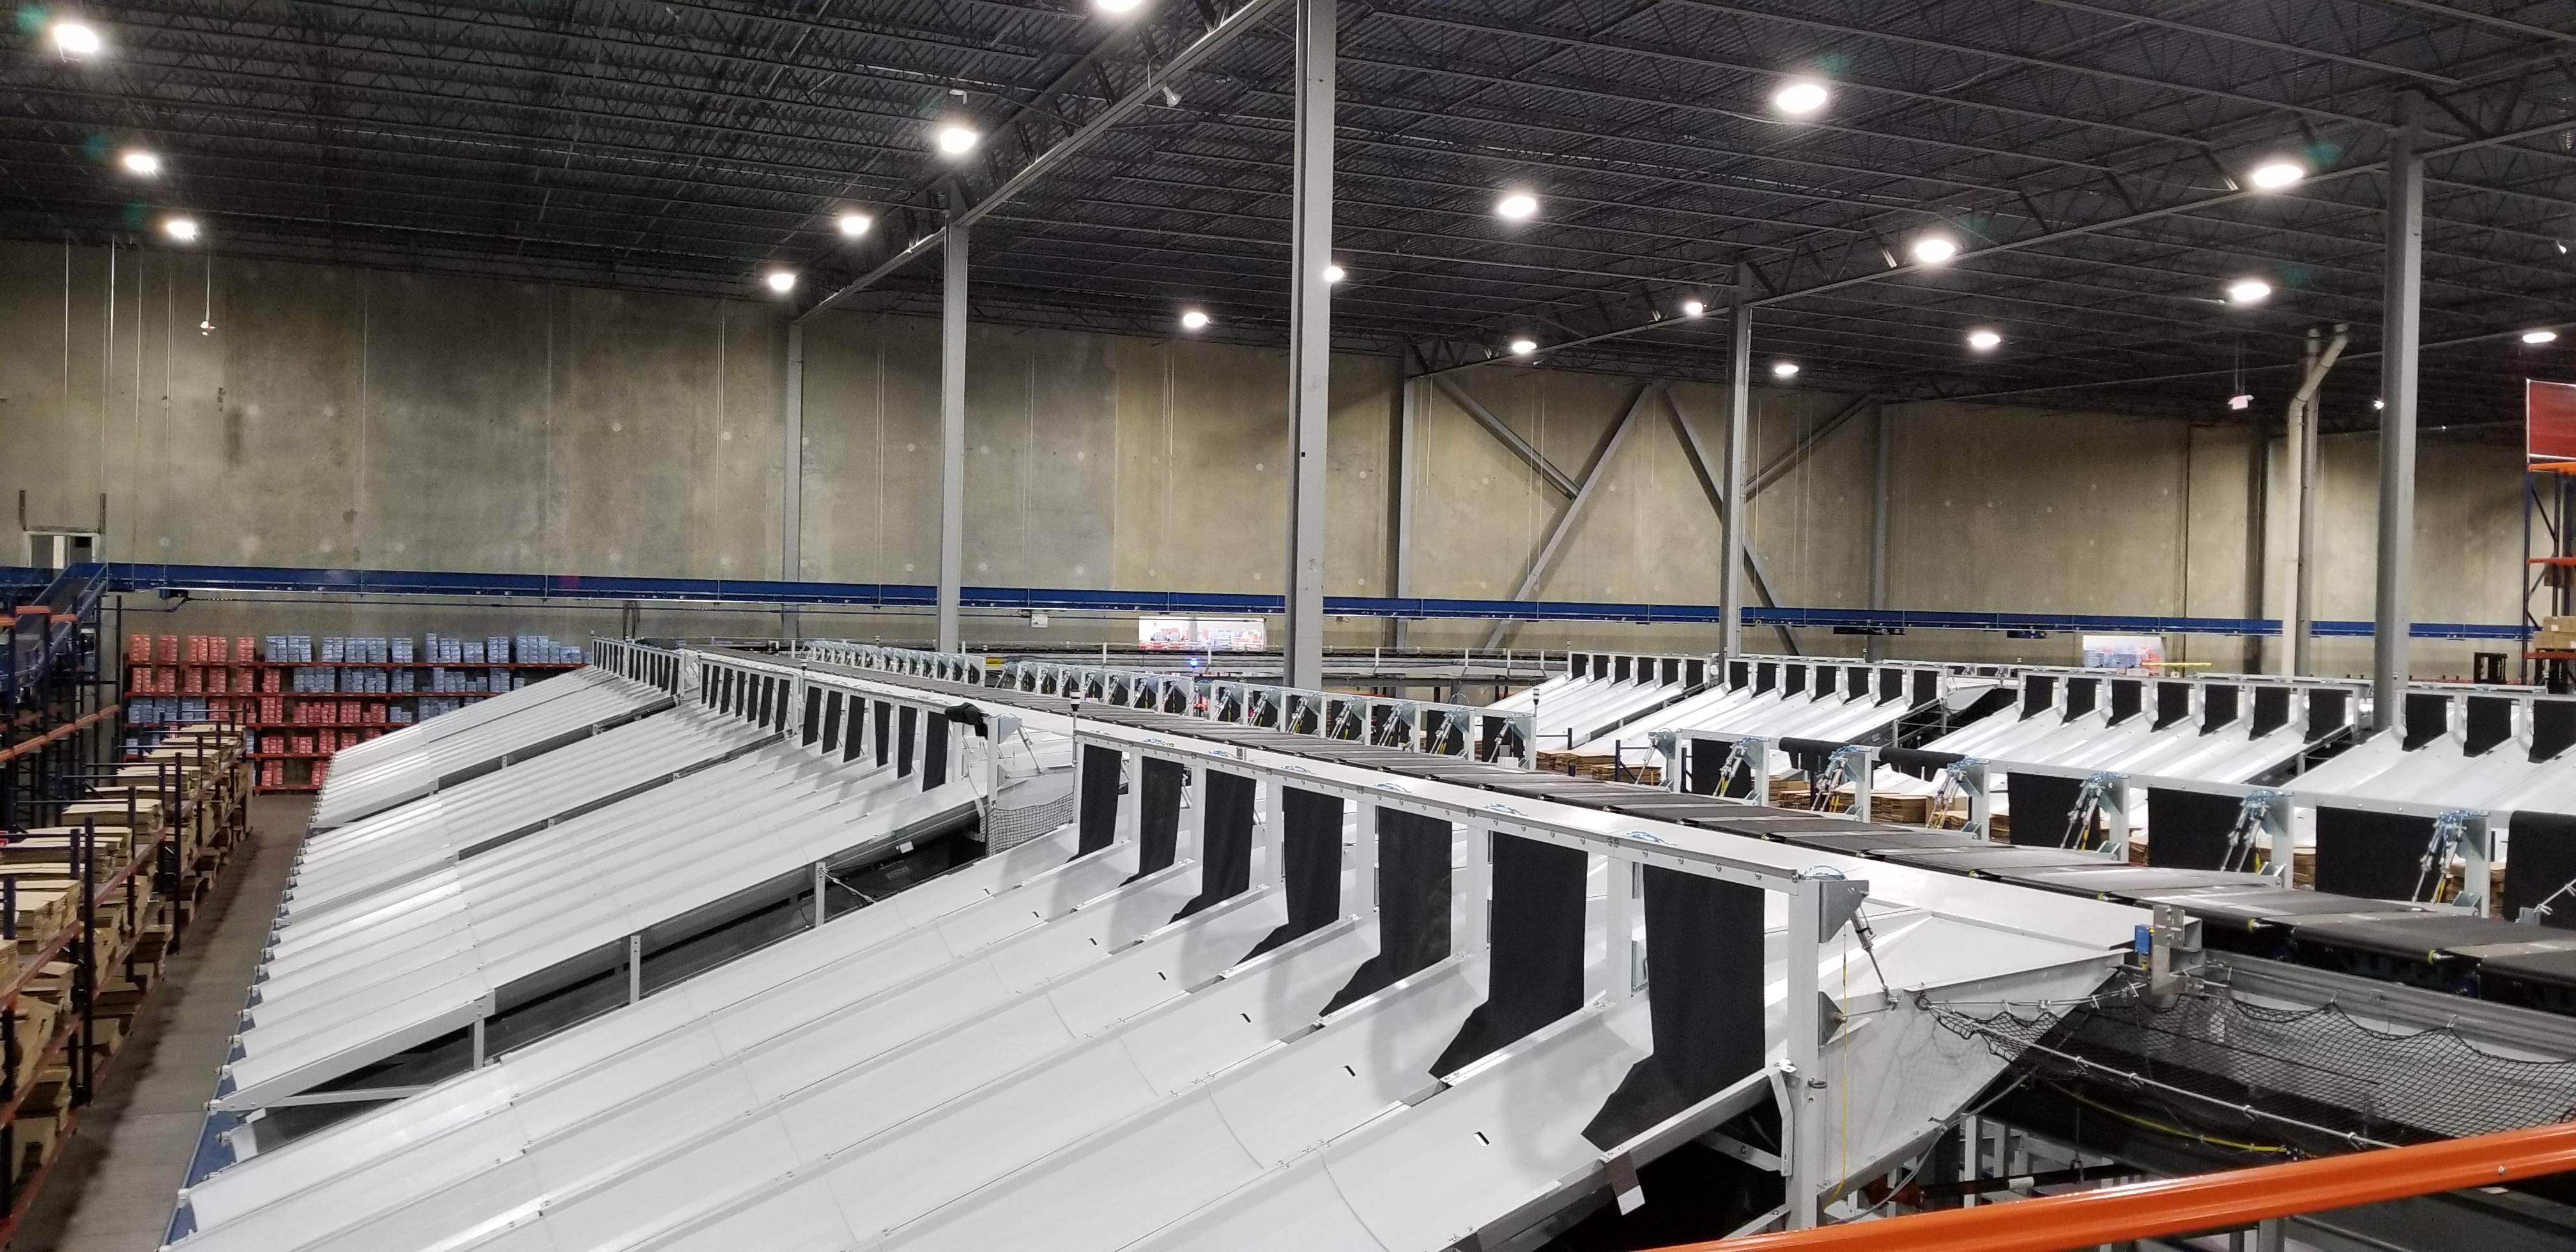 英特诺携手美国Conveyor Handling Company  提供高效的鞋履分拣解决方案